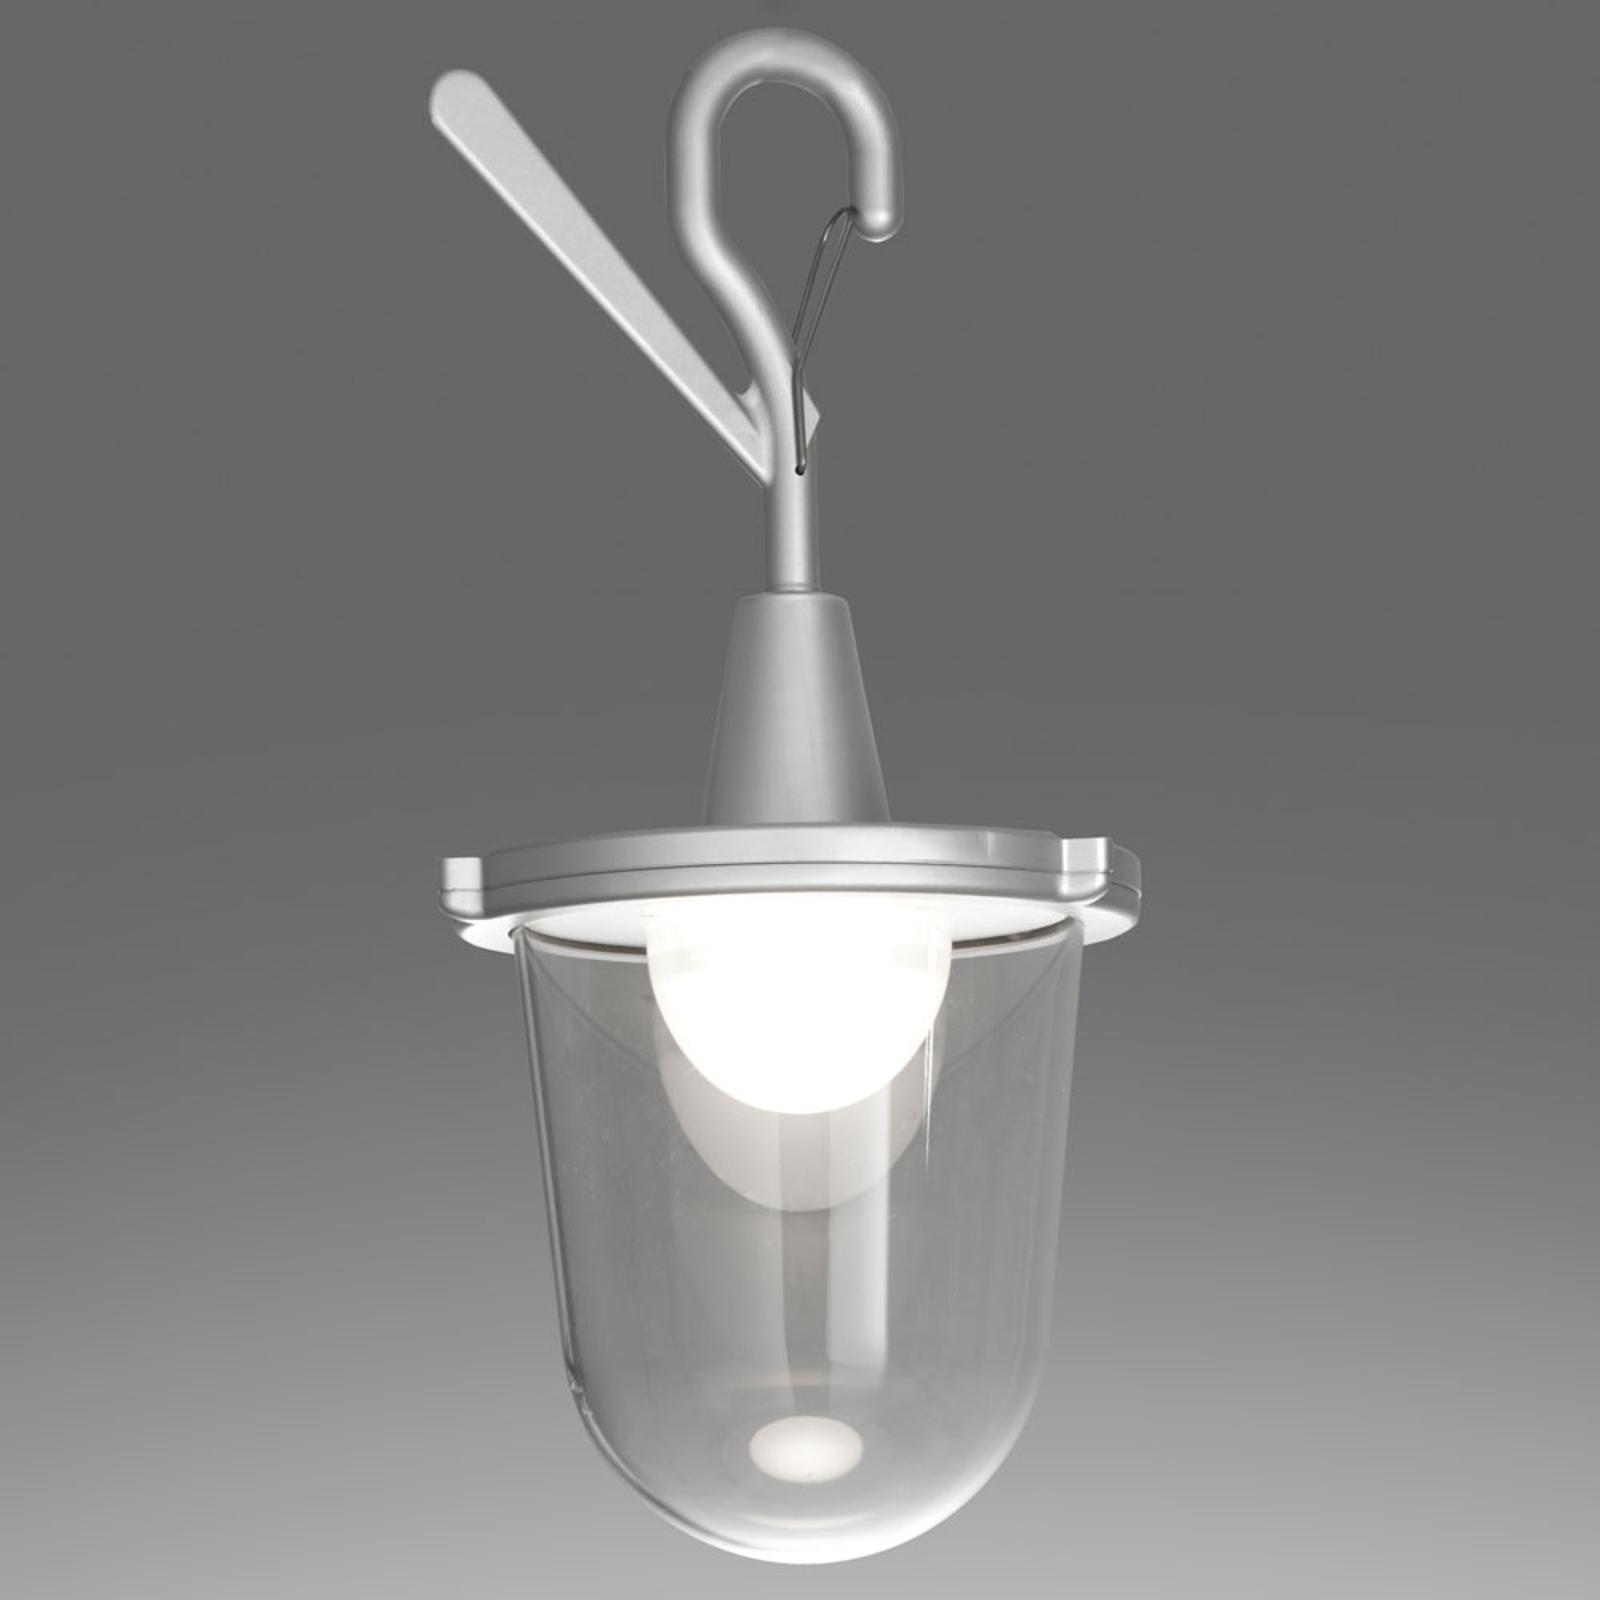 Acquista Artemide Tolomeo Lampione lampada da esterni